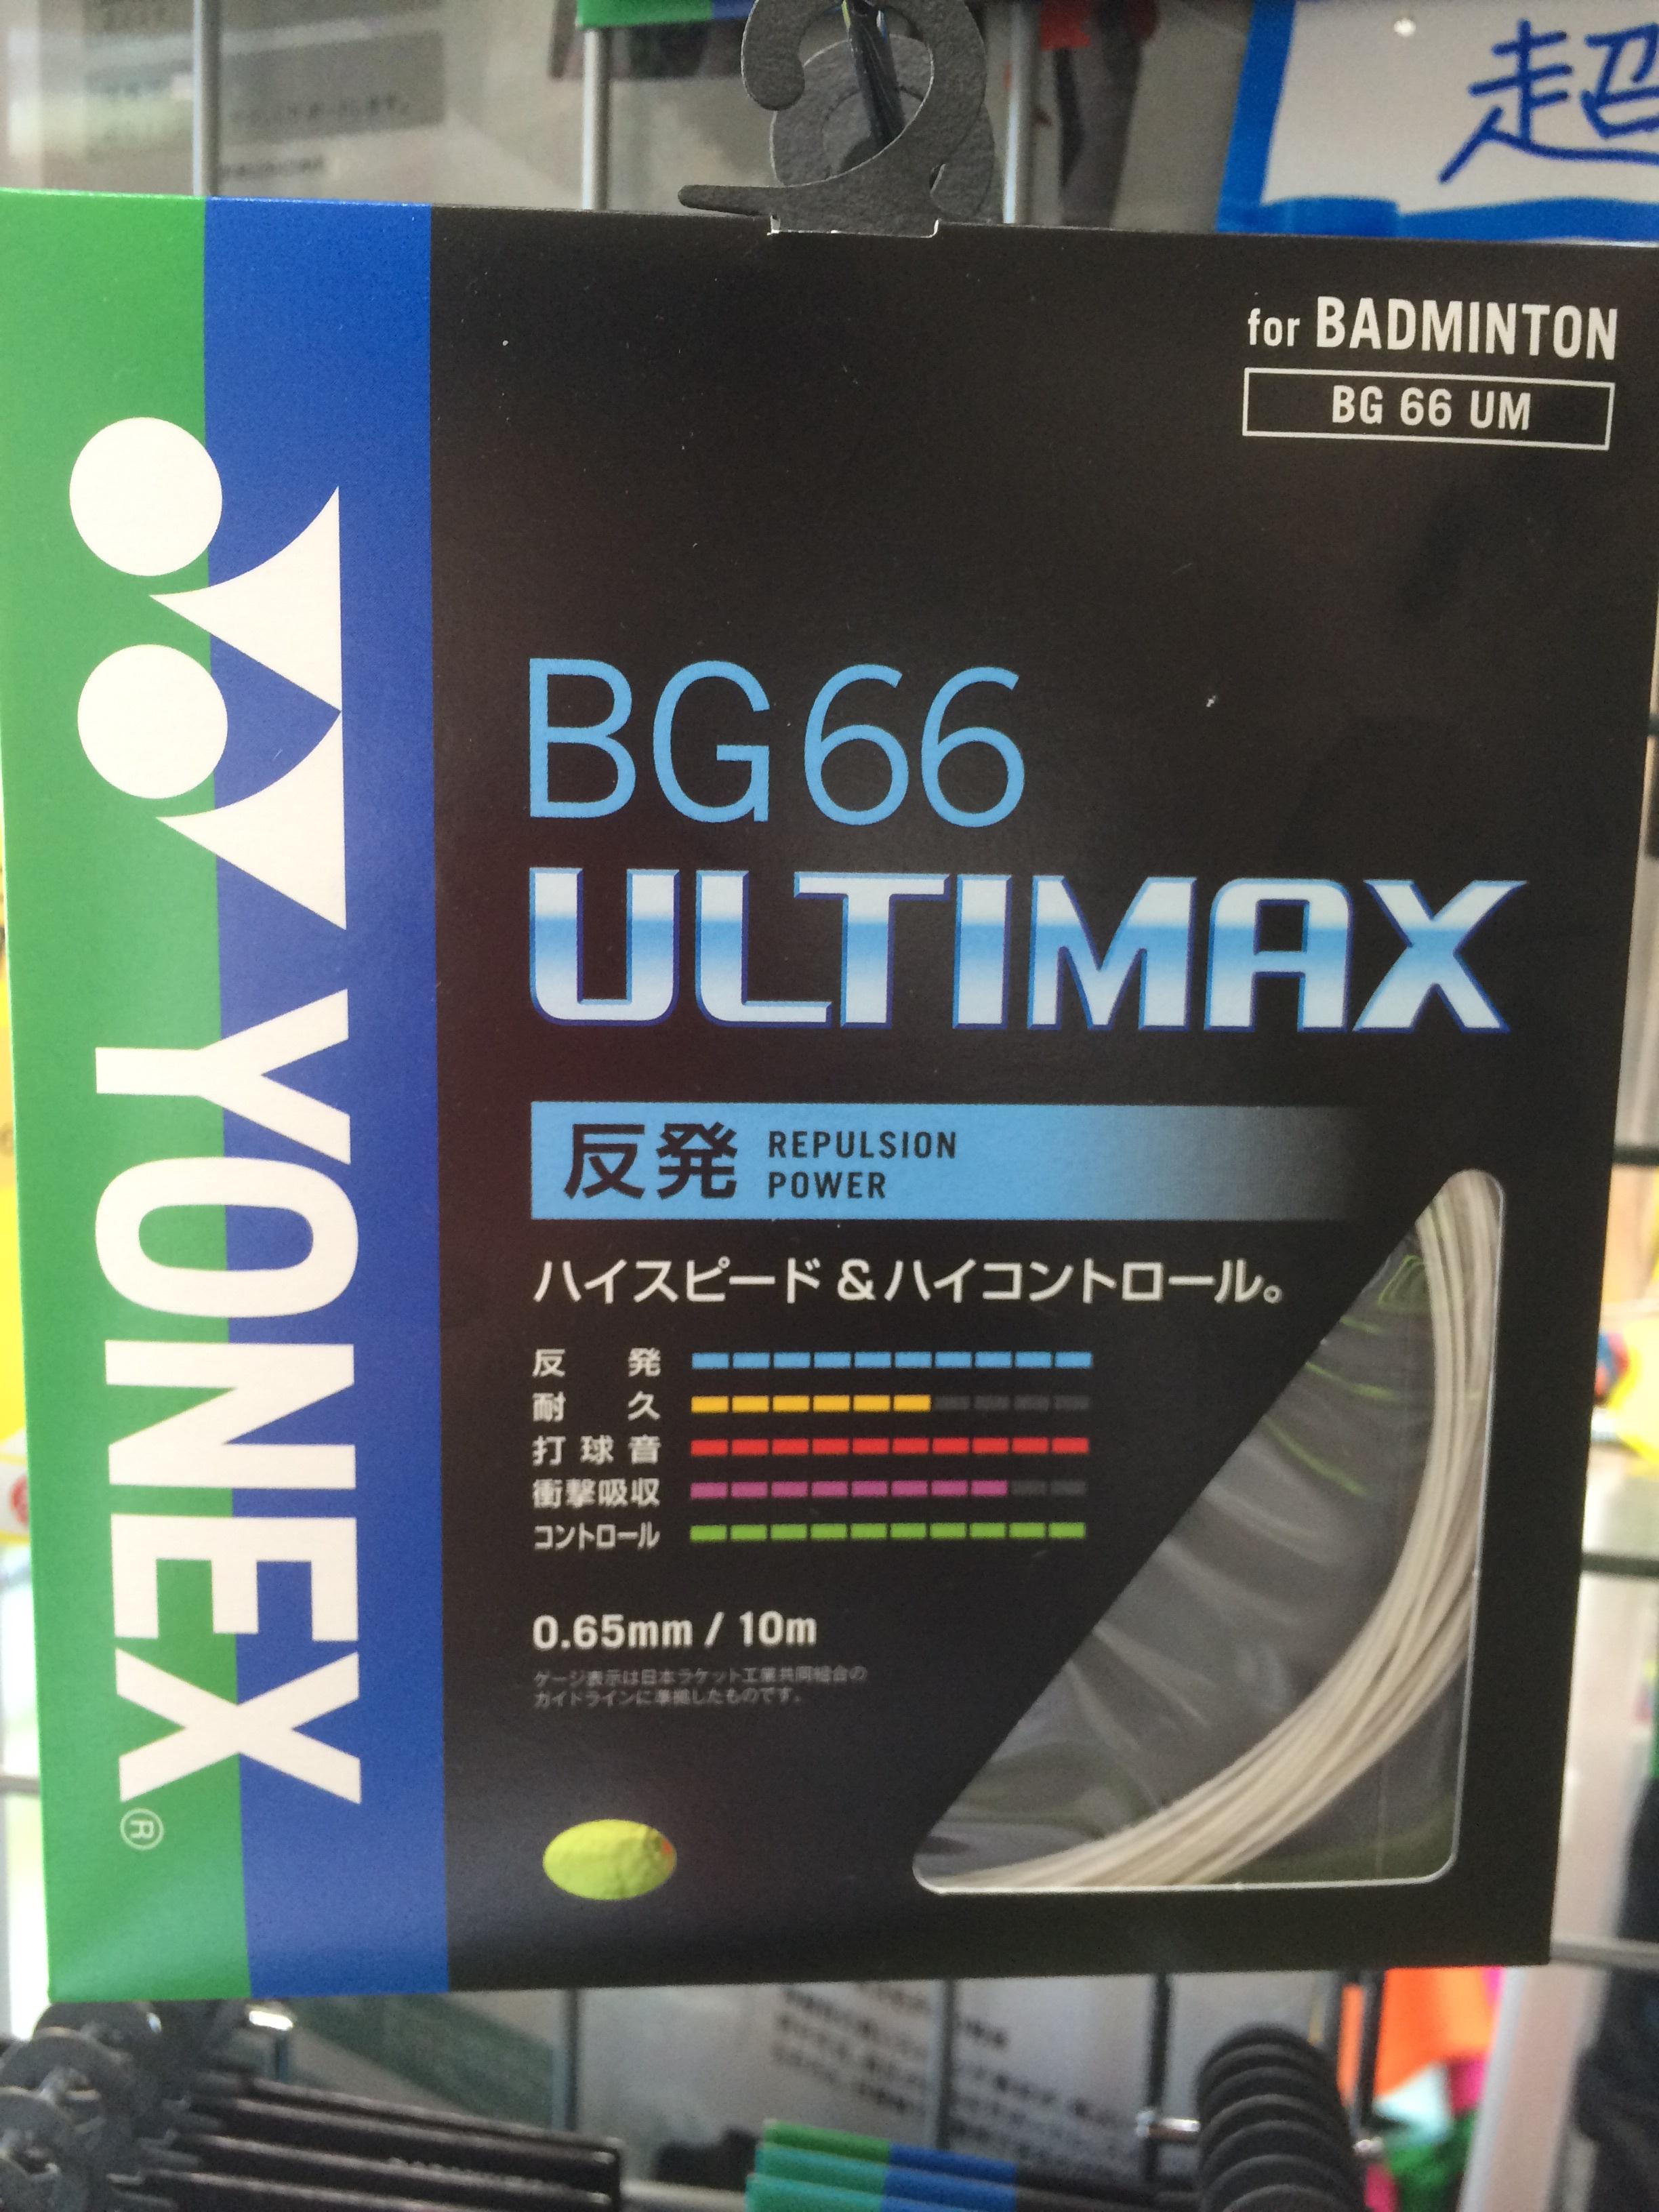 ヨネックス BG66ULTIMAX - 画像1